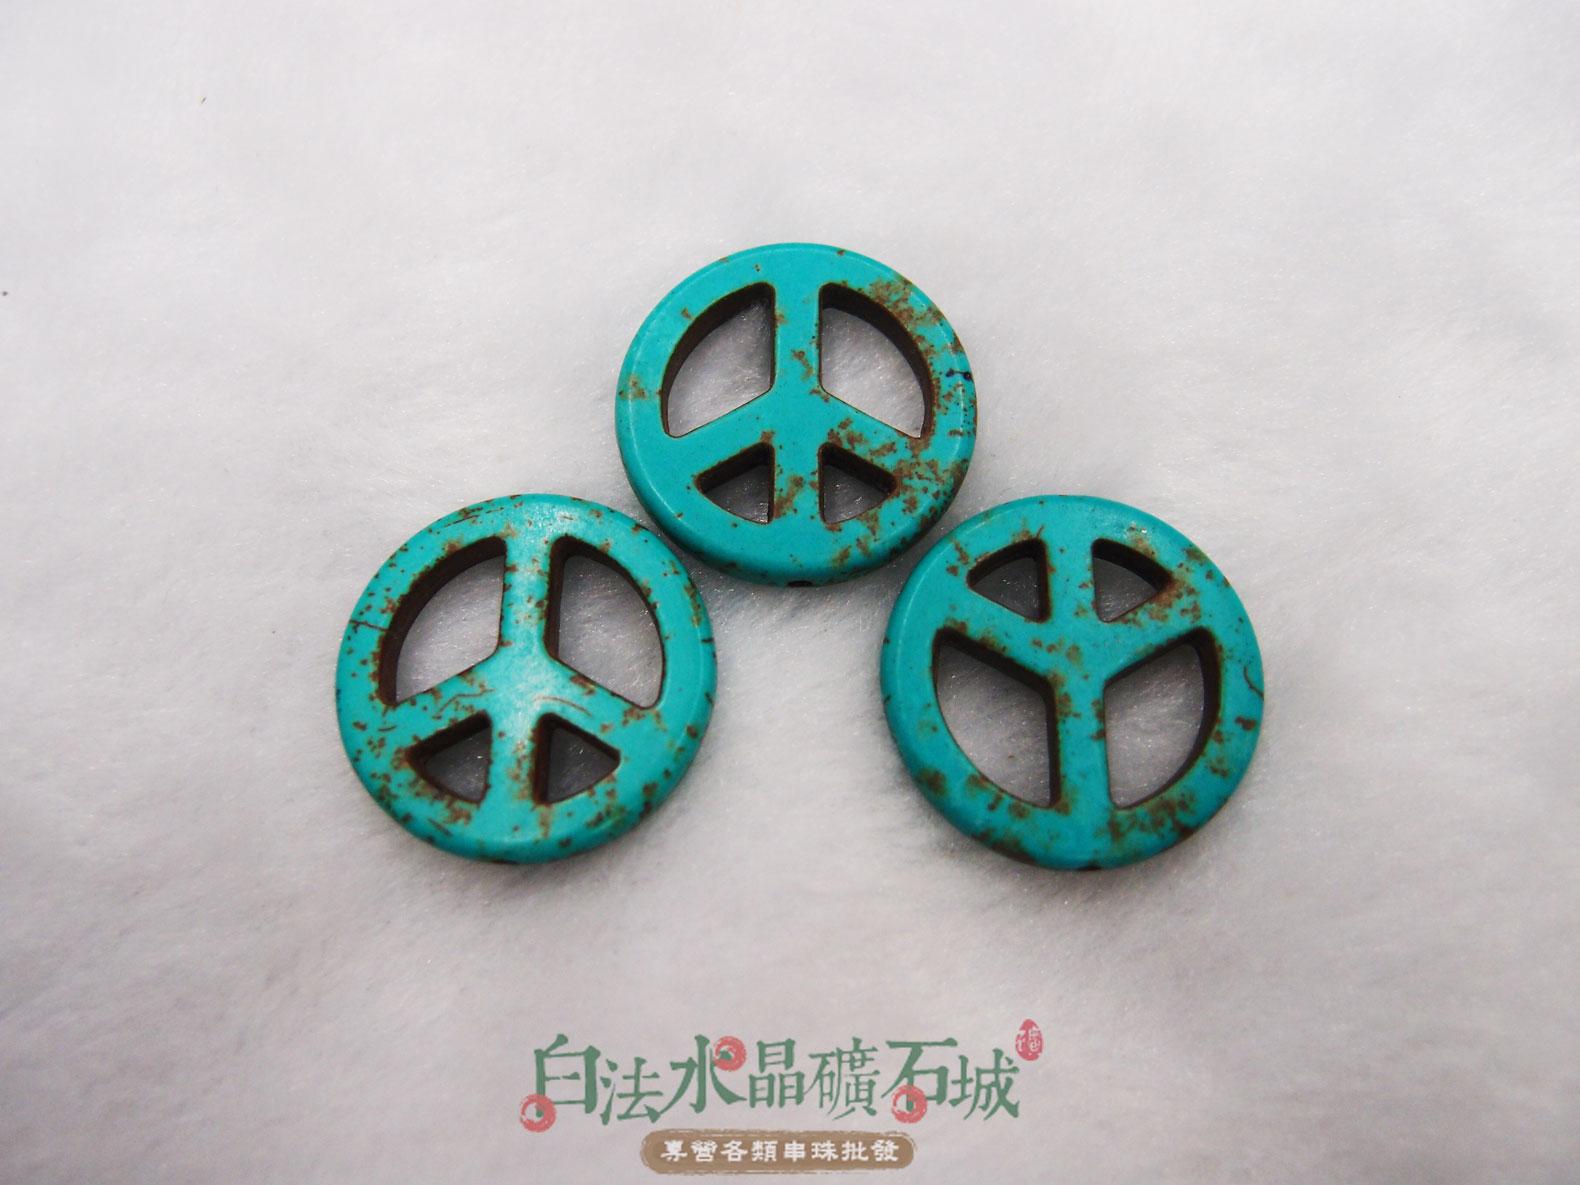 白法水晶礦石城 綠松石-24mm 民族風圖騰 串珠/條珠 首飾材料